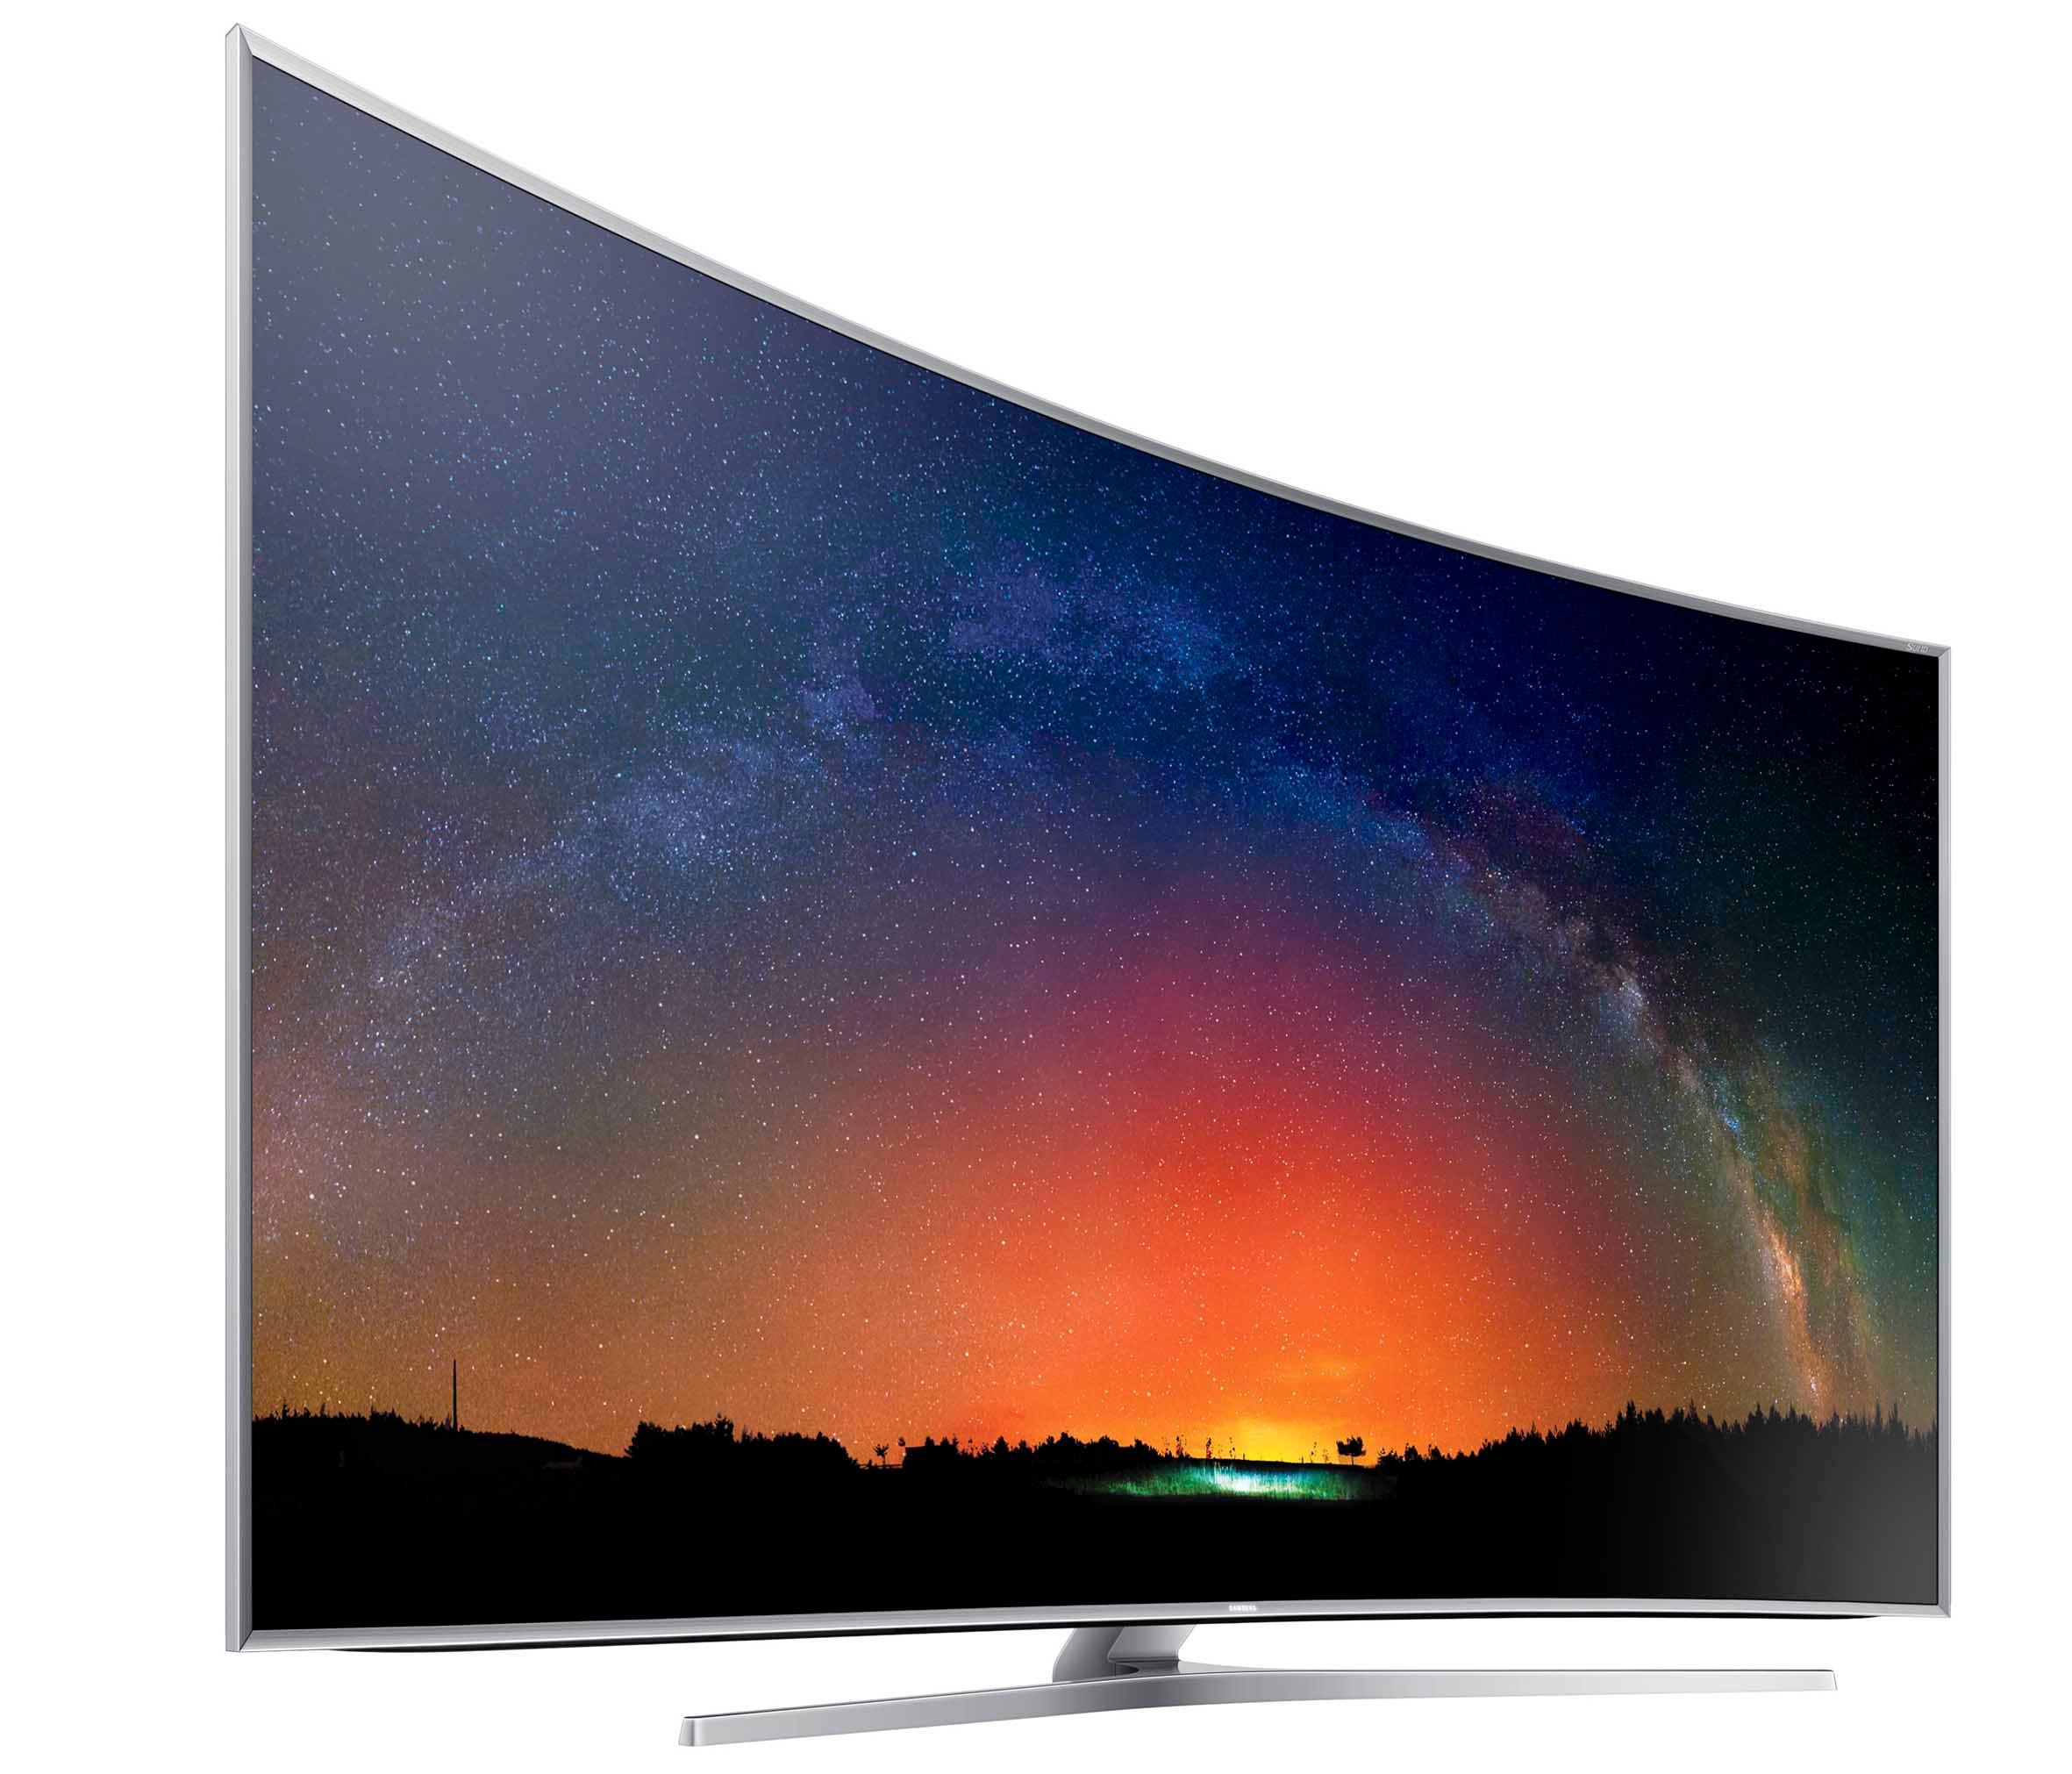 SUHD: Samsung ønsker å distansere seg fra konvensjonelle LCD-TV-er med sin nye quantum dot teknologi. Den gir etter det vi kan bedømme like bra farger som OLED og enda bedre lysstyrke. Sortnivået står litt tilbake for OLED, men denne toppmodellen har direkte-LED og kommer i nærheten.